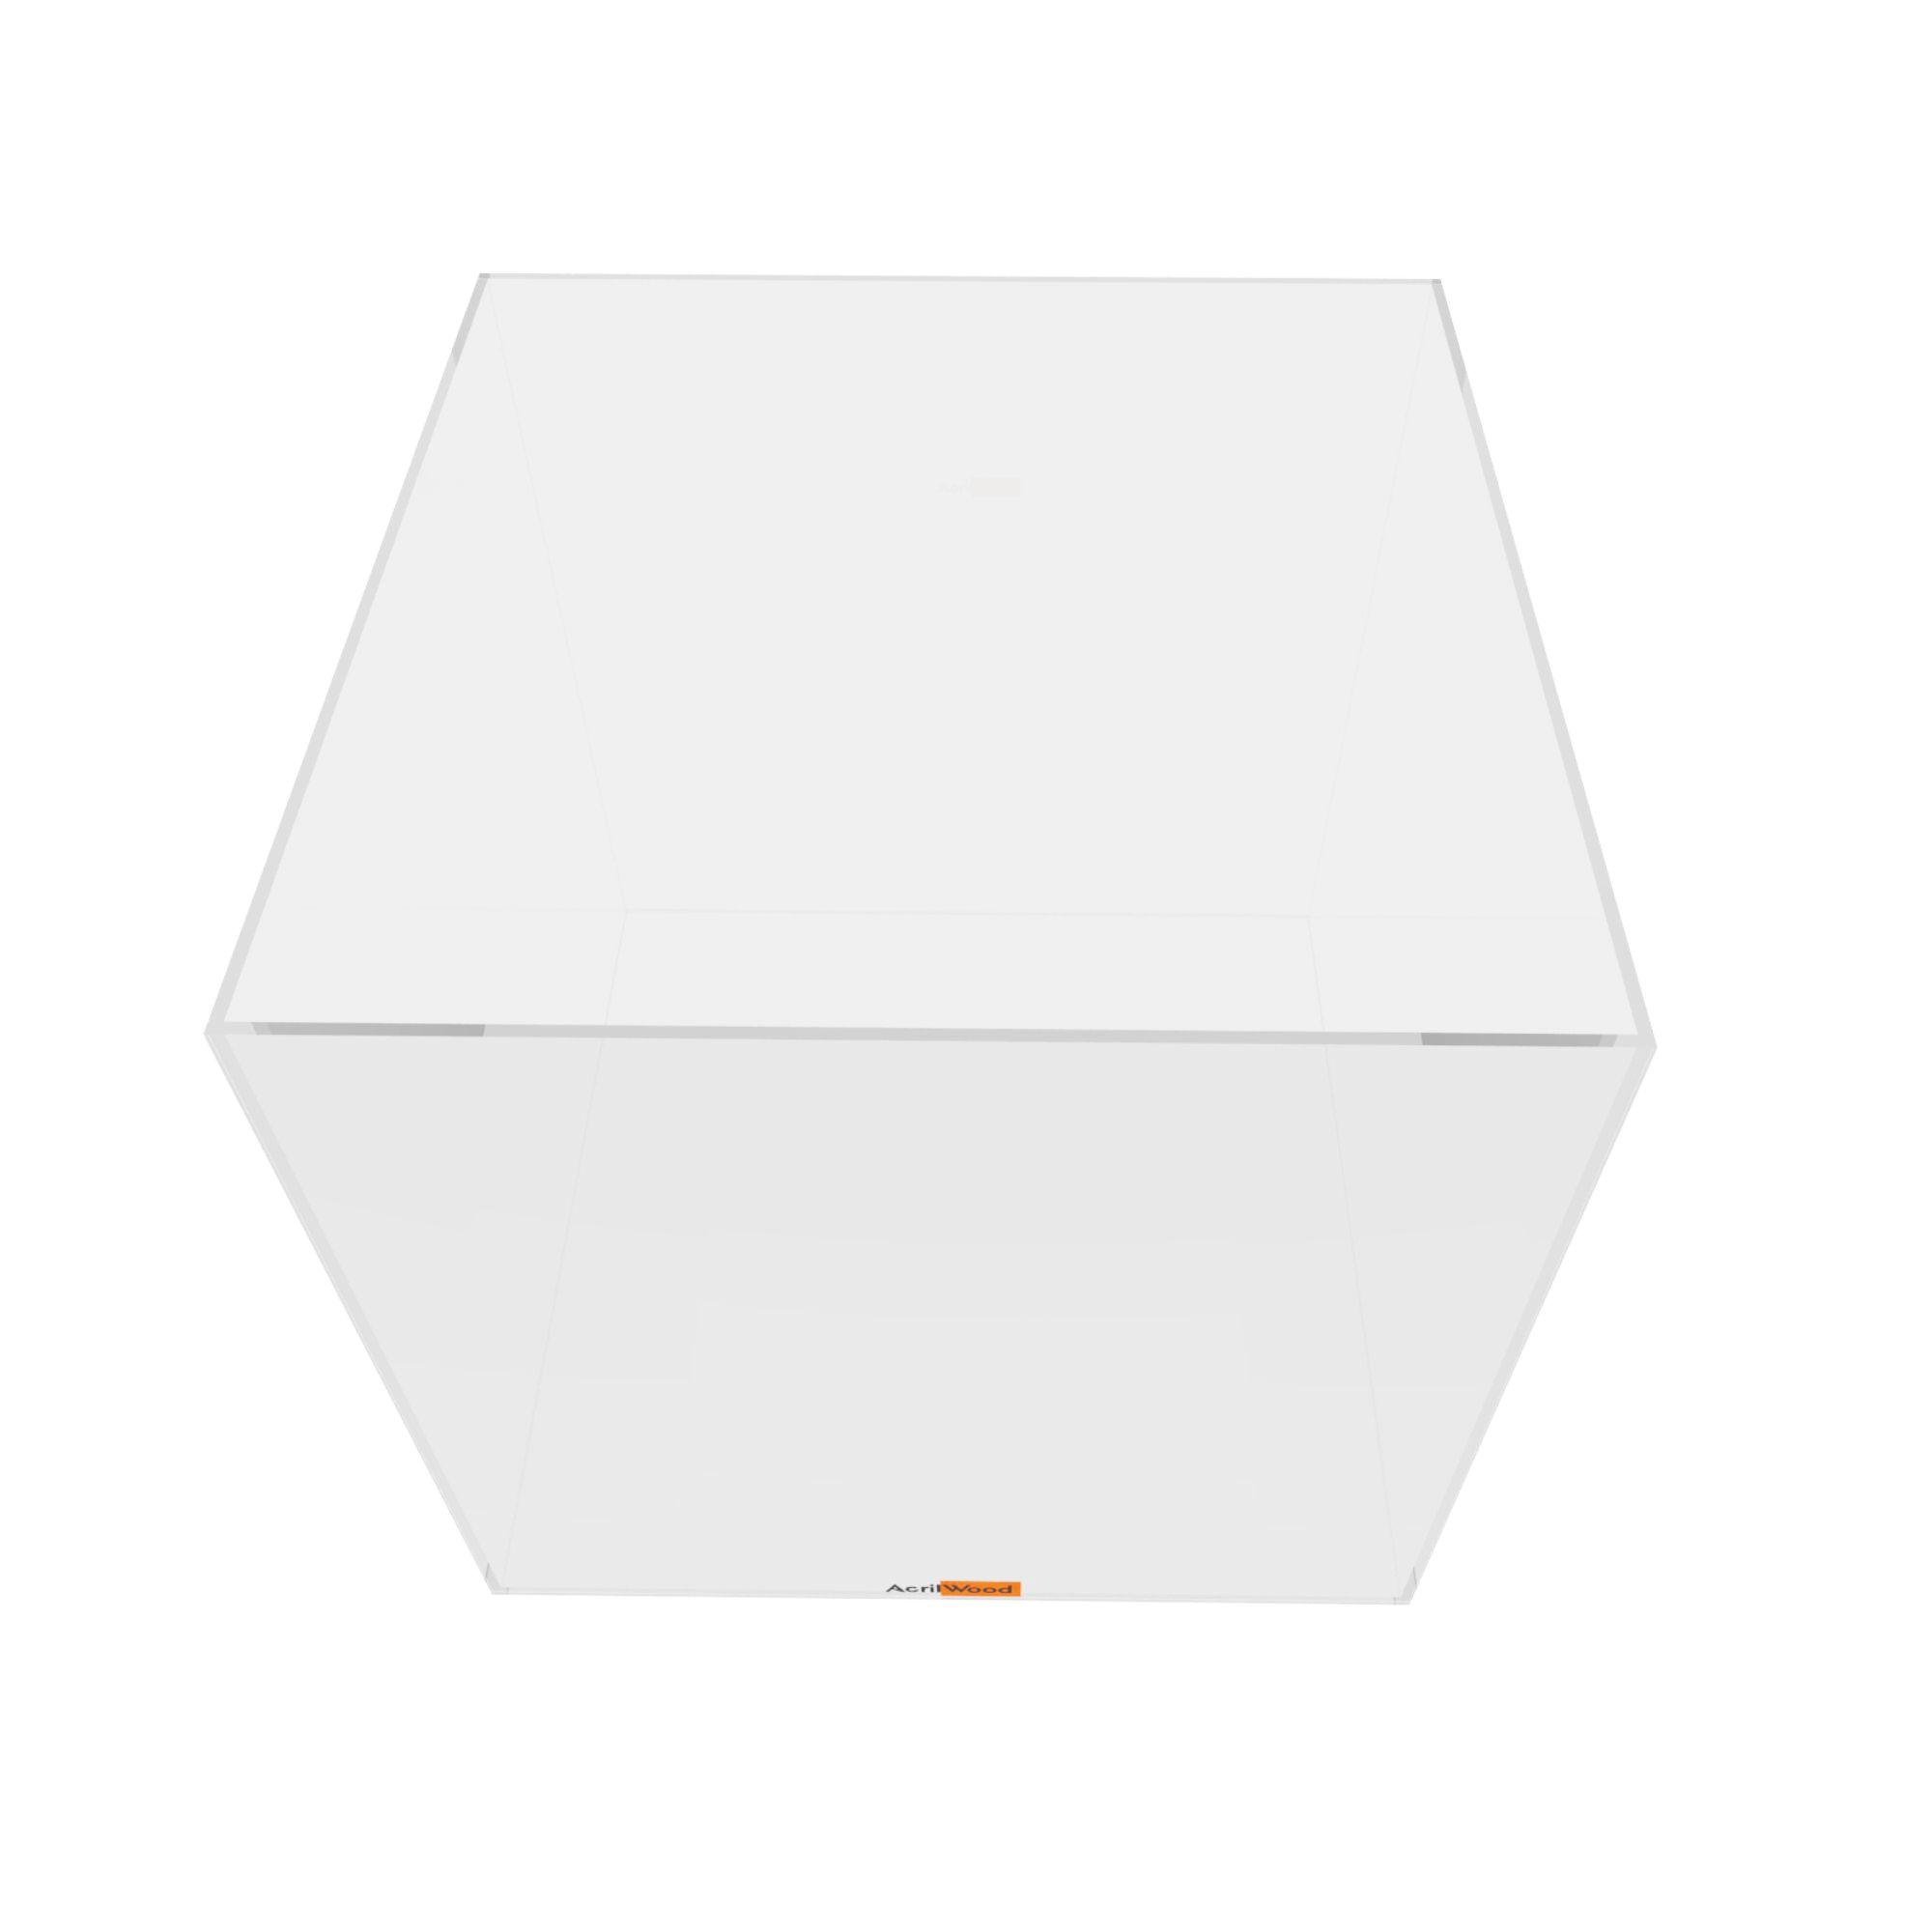 Caixa Quadrada Em Acrílico 25x25x25cm